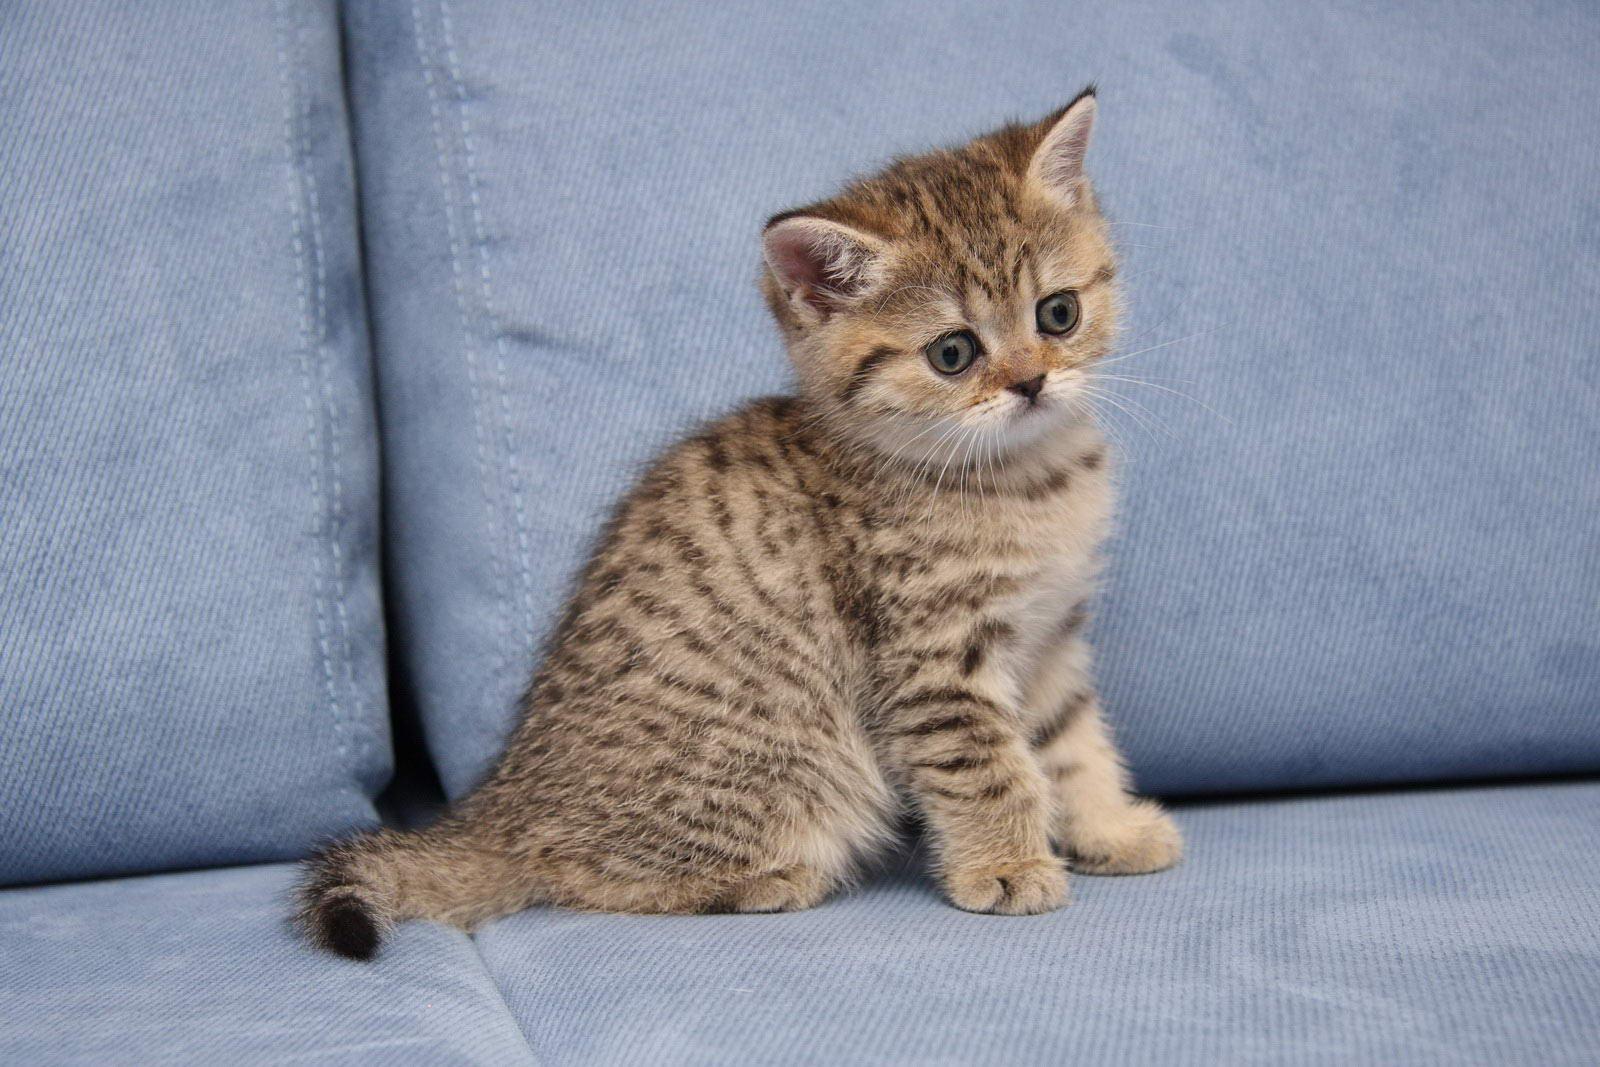 Окрас табби: примеры интересных сочетаний и пород кошек